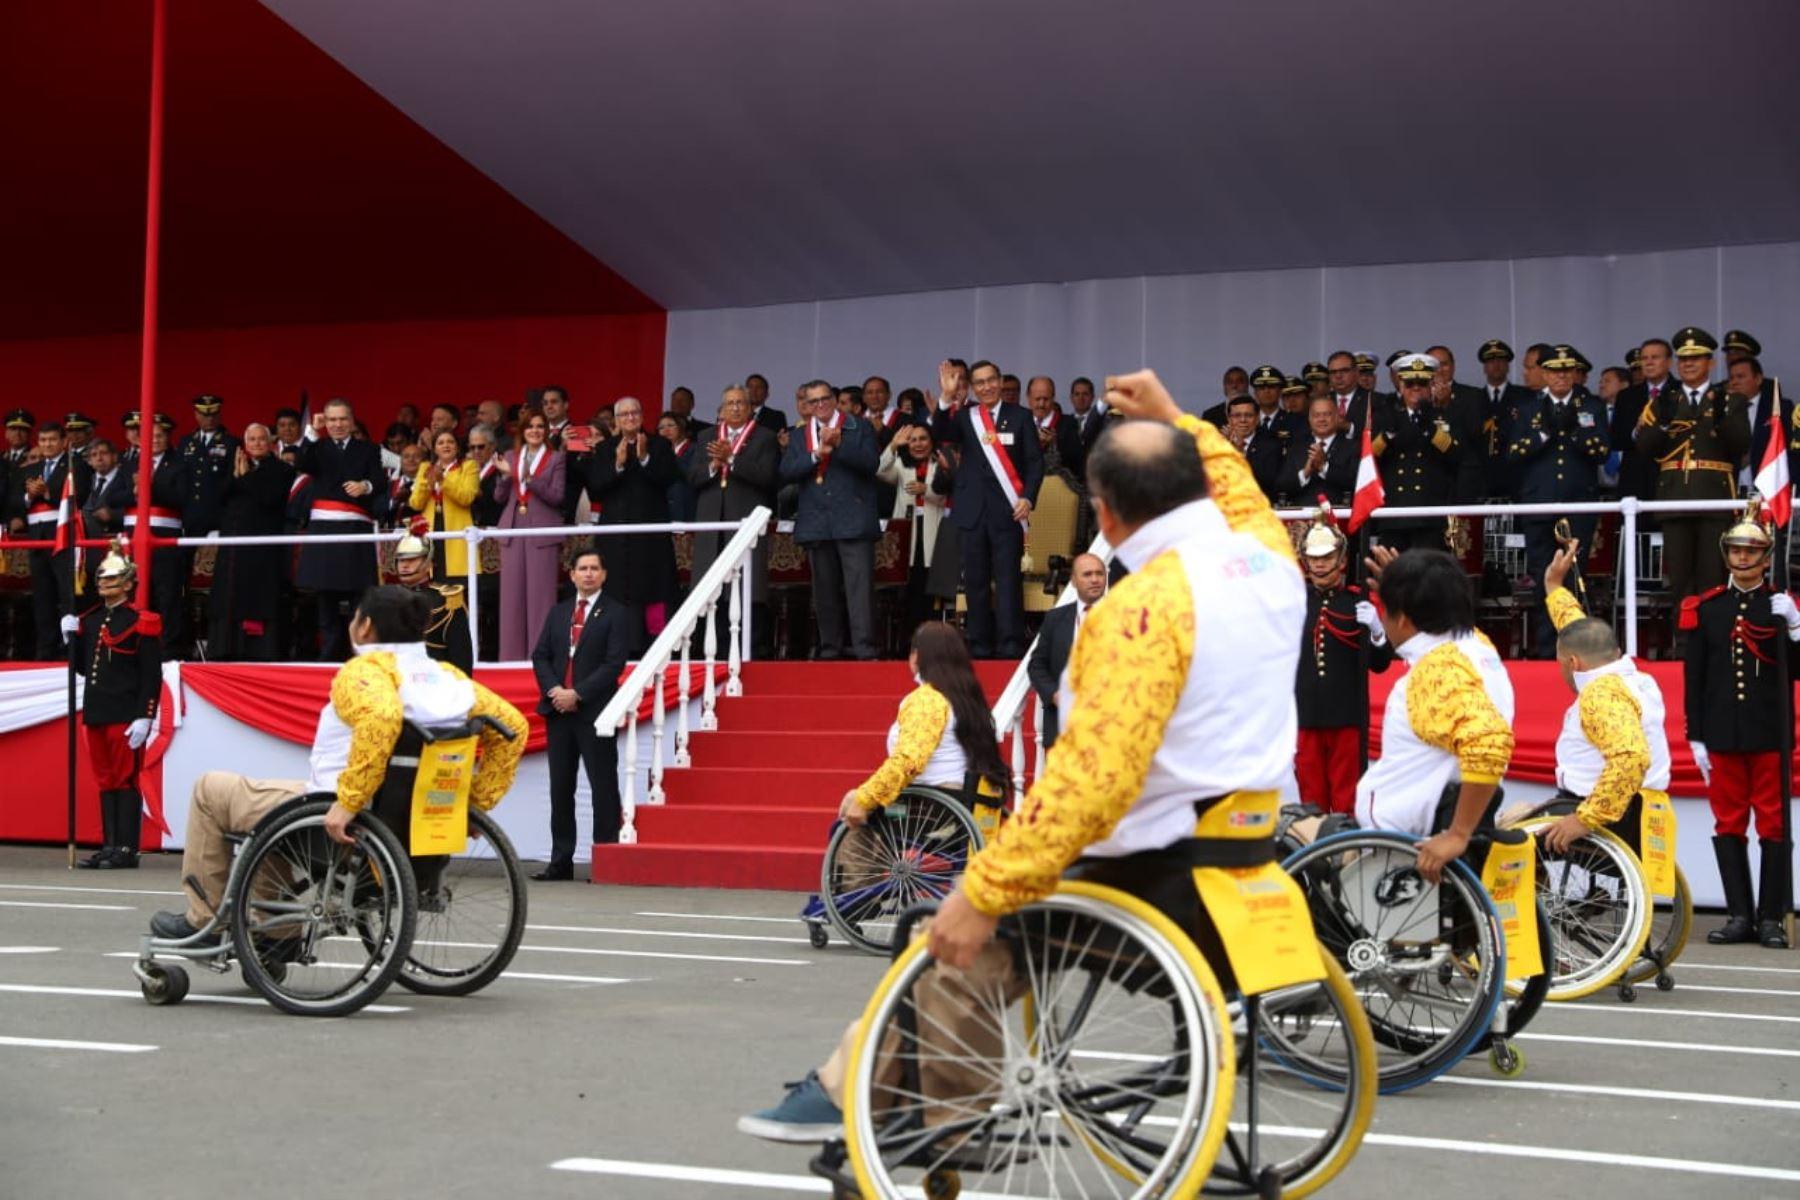 Medallistas peruanos de los Panamericanos 2019 se suman al Desfile Cívico Militar por Fiestas patrias.Foto: ANDINA/Prensa Presidencia